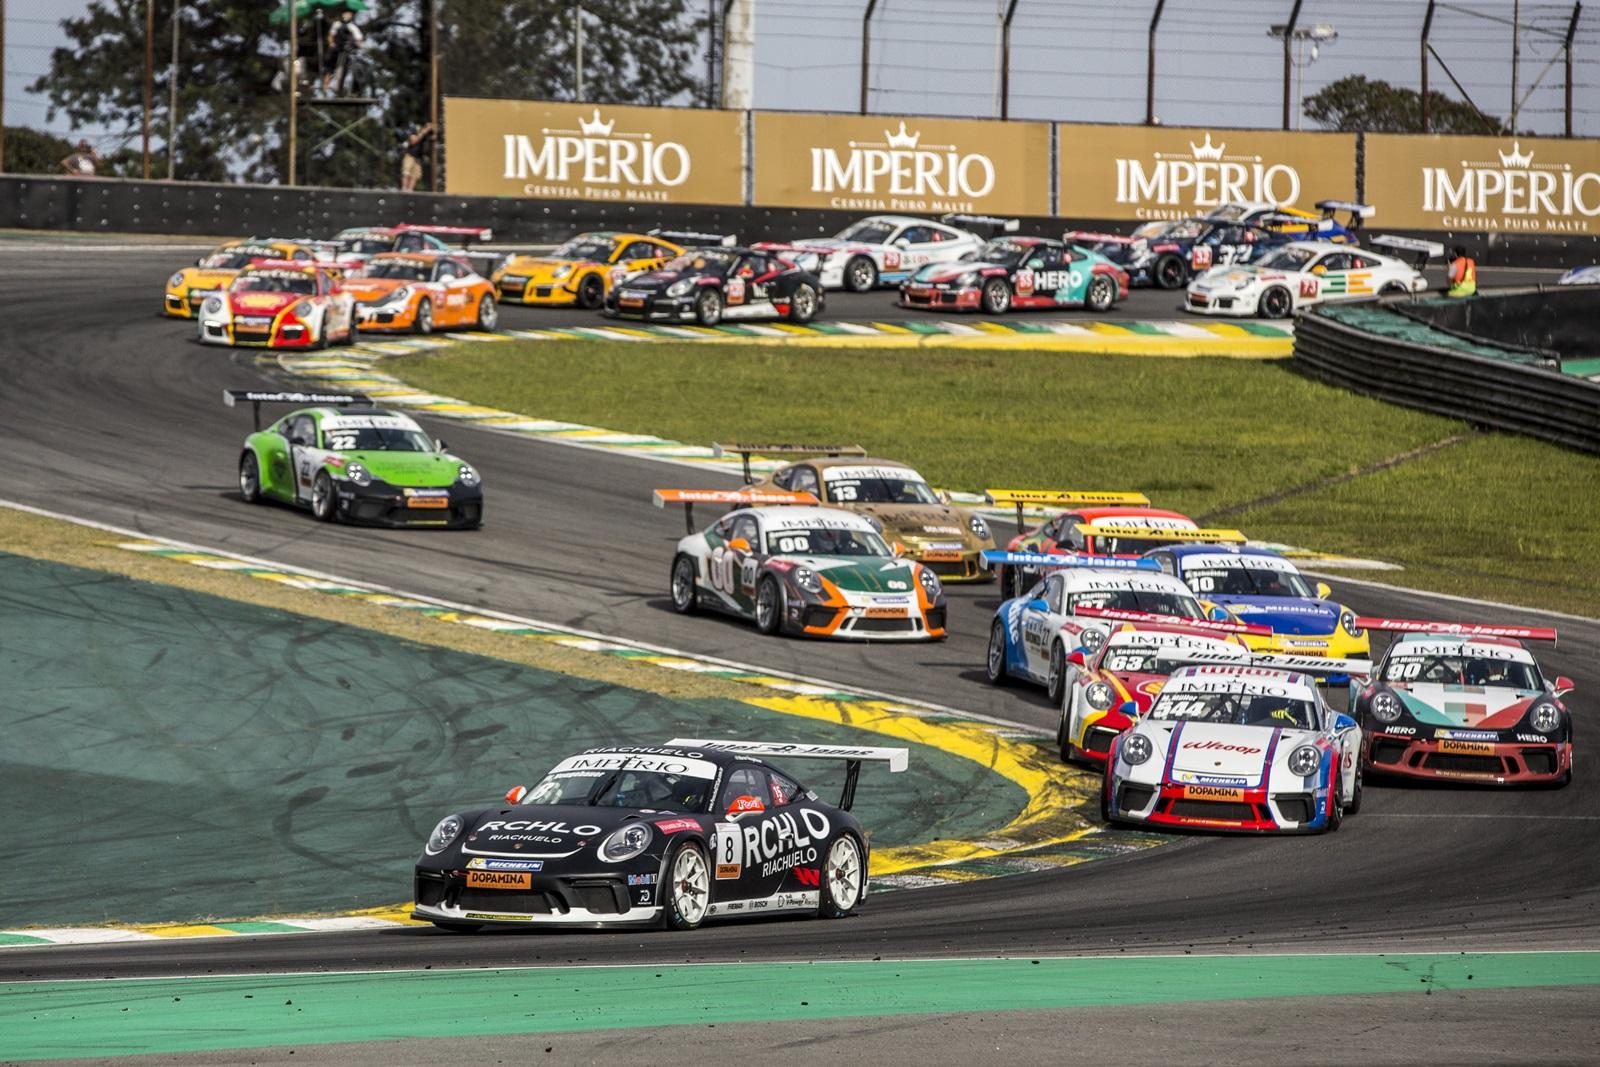 Photo of Porsche Cup – Segunda metade da temporada da Porsche Império Carrera Cup acontece em Interlagos com promessa de intensas disputas